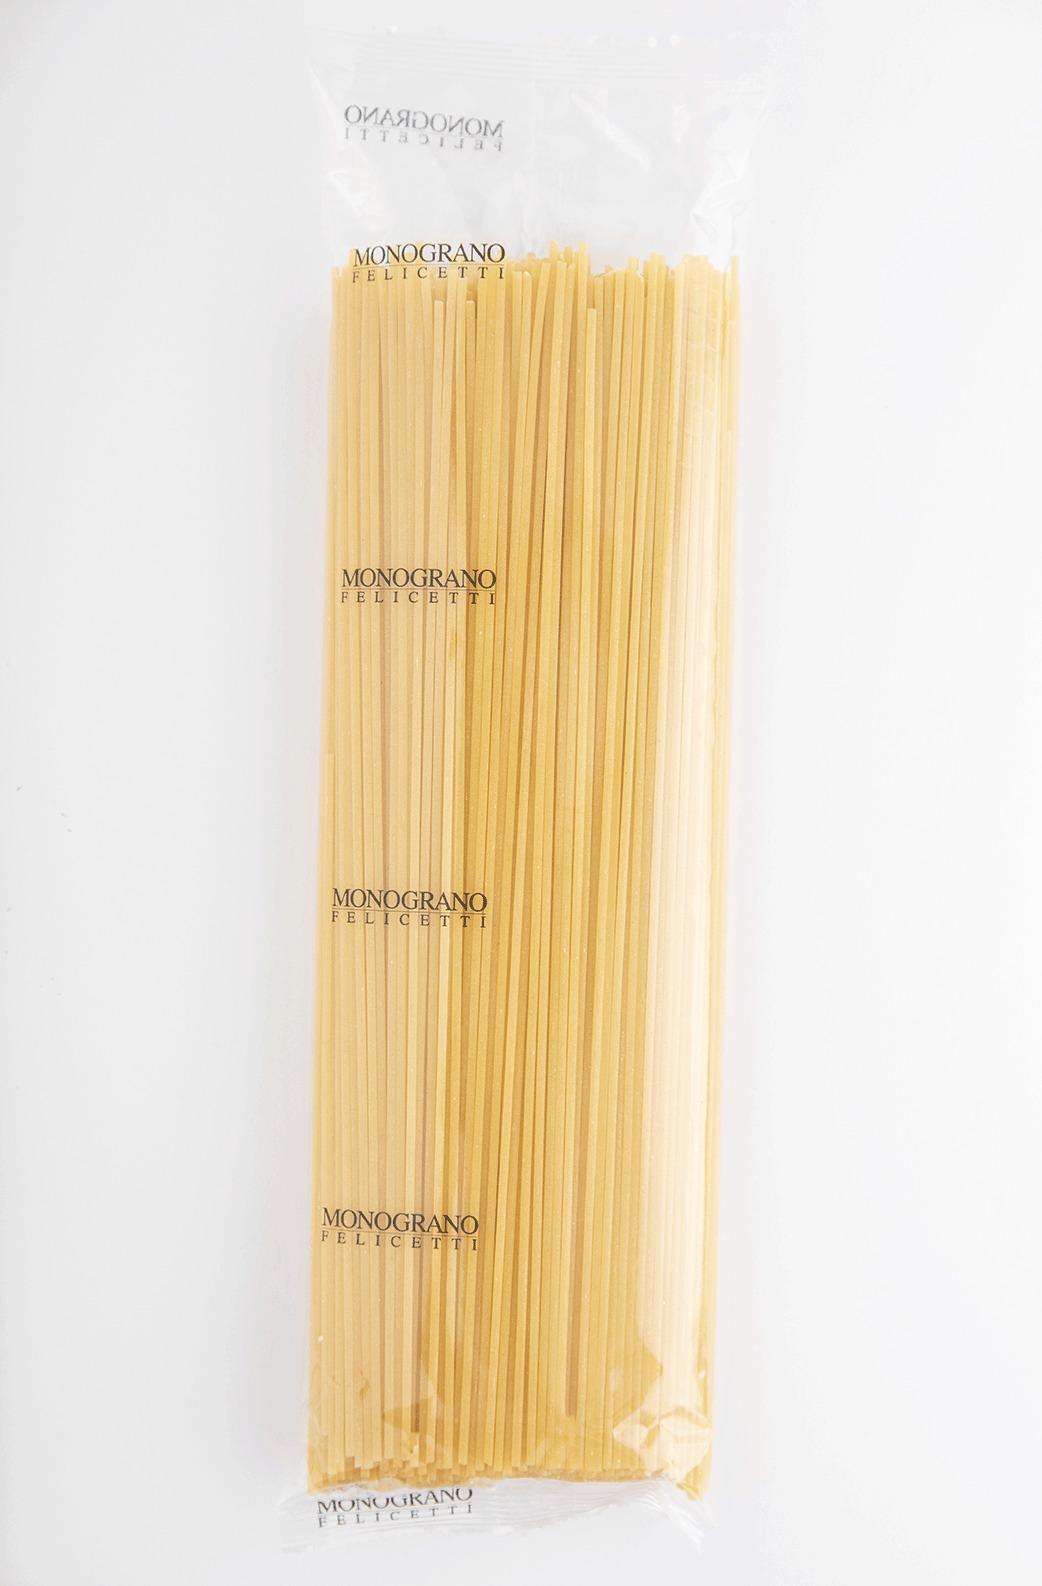 フェリチェッティ モノグラーノ・マット スパゲッティ 業務用 500g